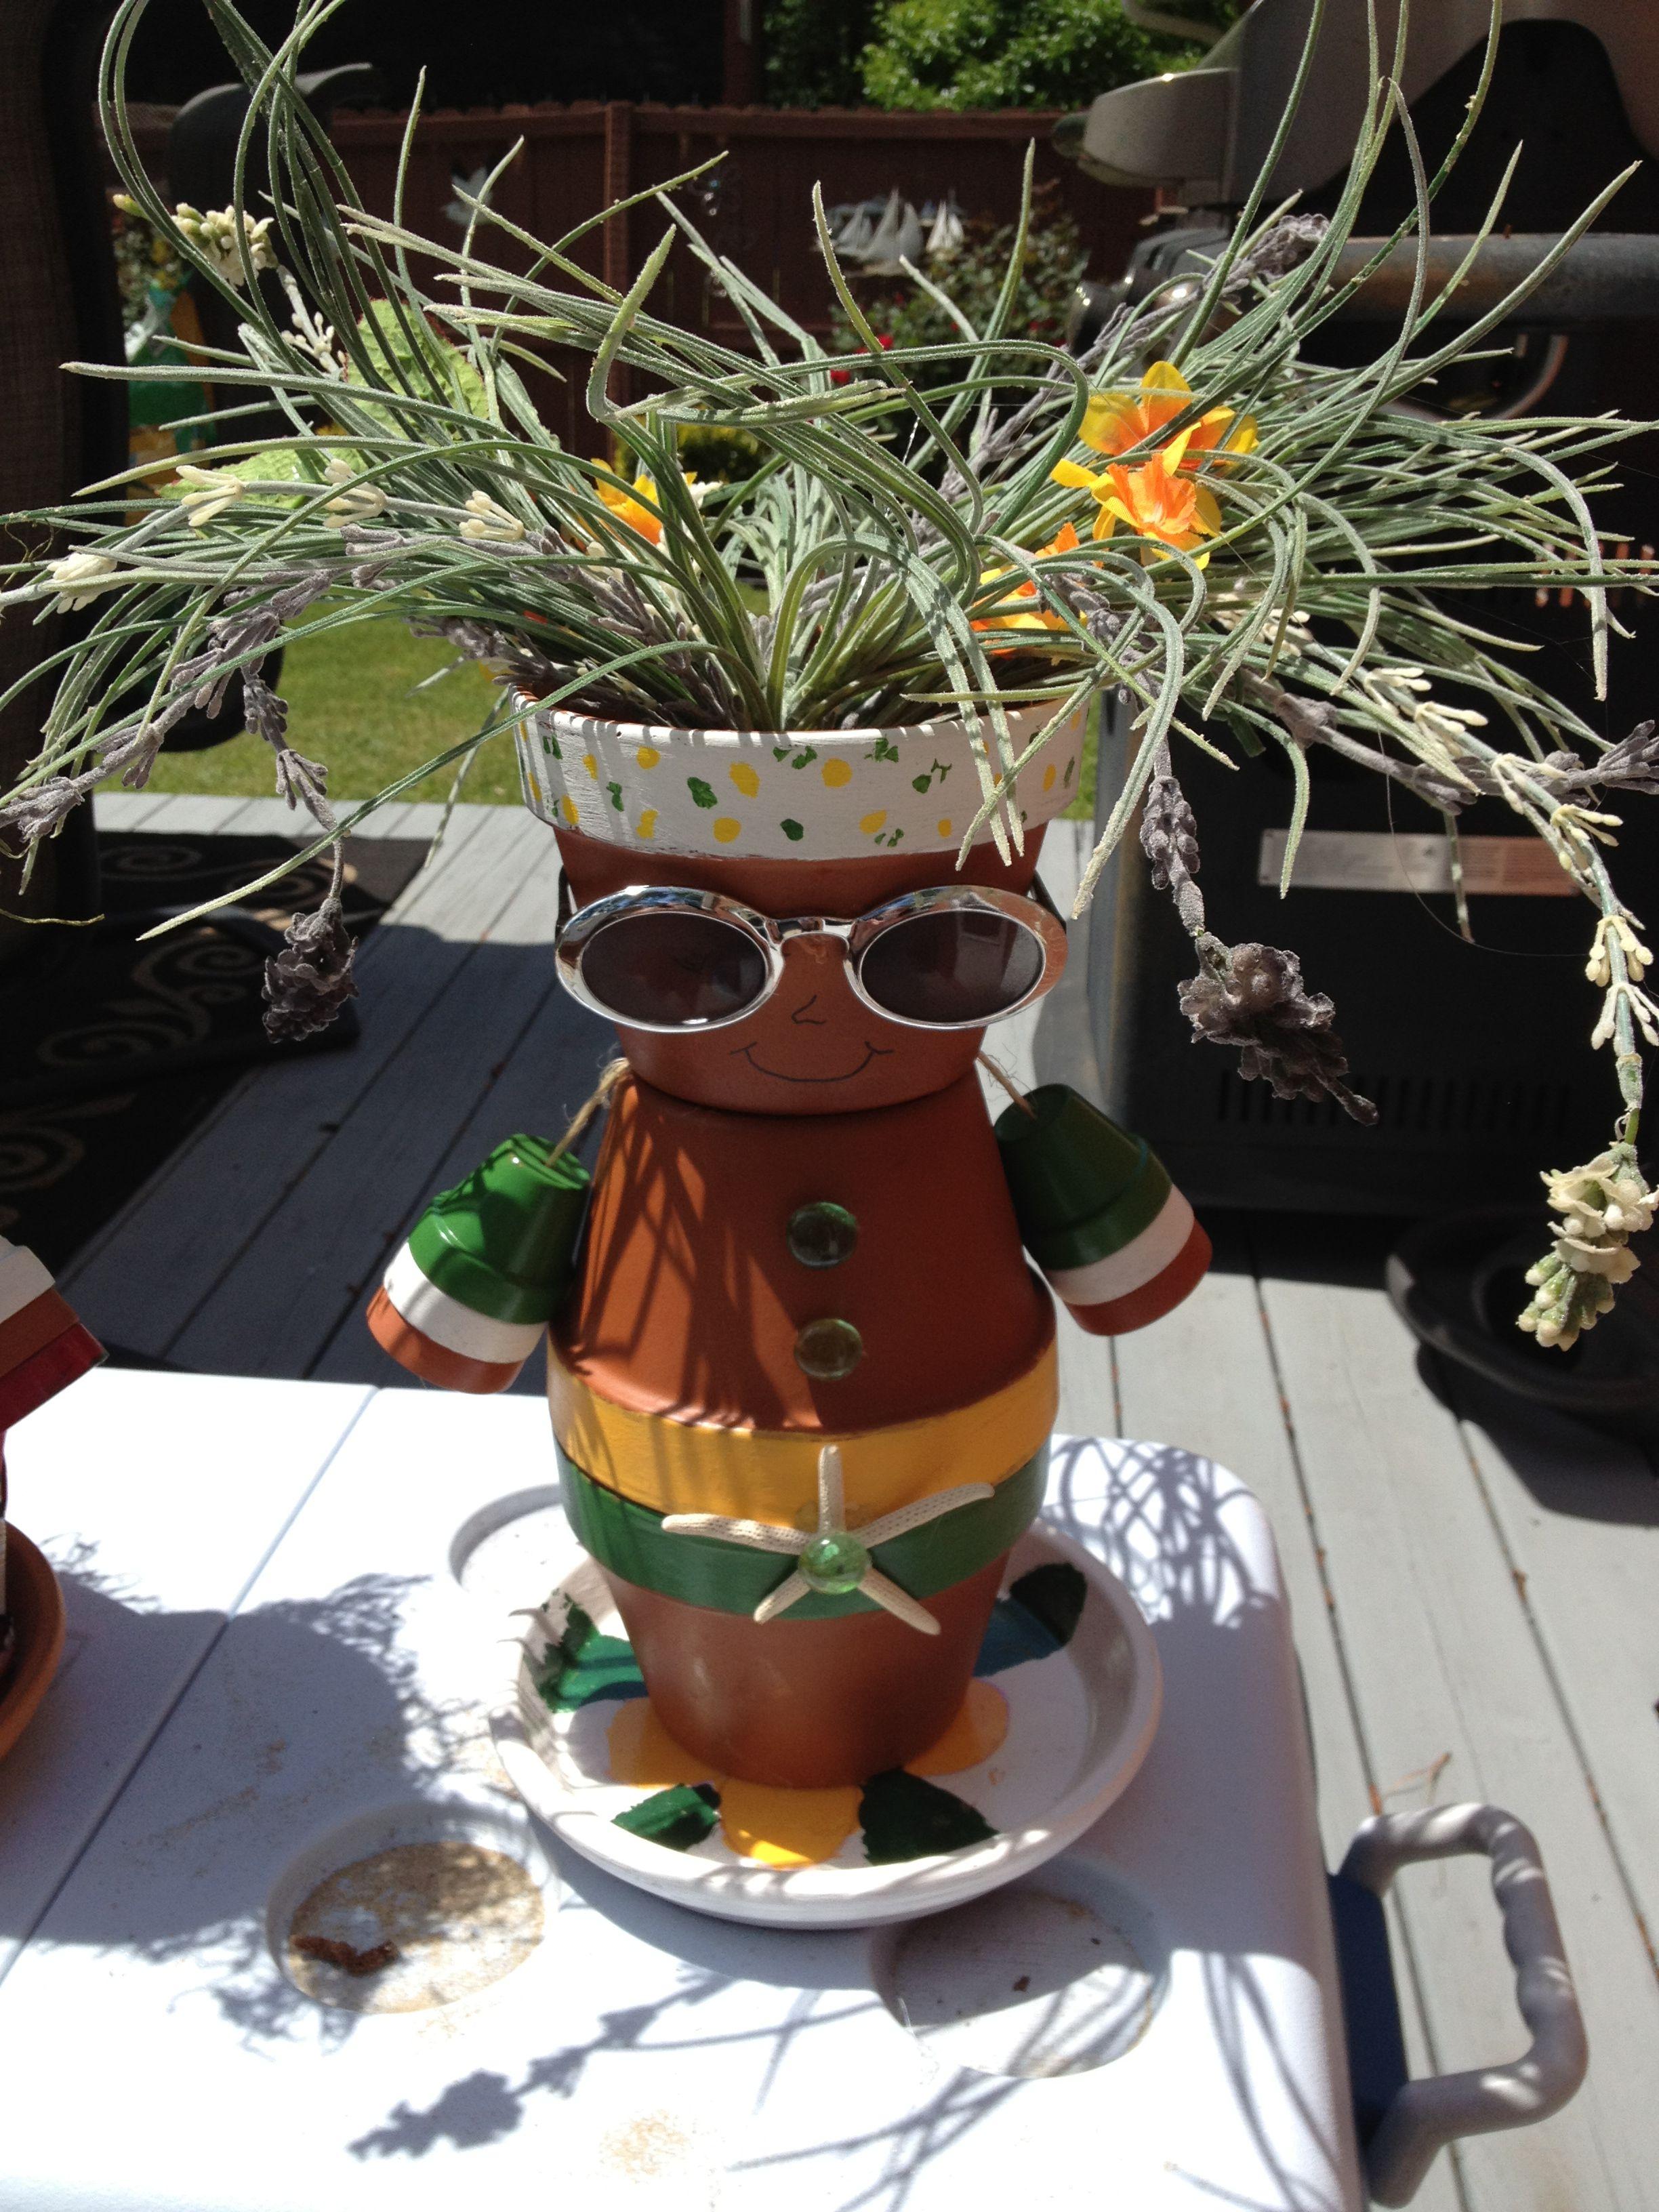 Charmant Wir Haben Hier Für Sie Eine Sammlung Schöner Ideen Für Gartendeko Aus  Tontöpfen Zusammengestellt, Damit Sie Sich Für Dieses Interessante  Bastelprojekt